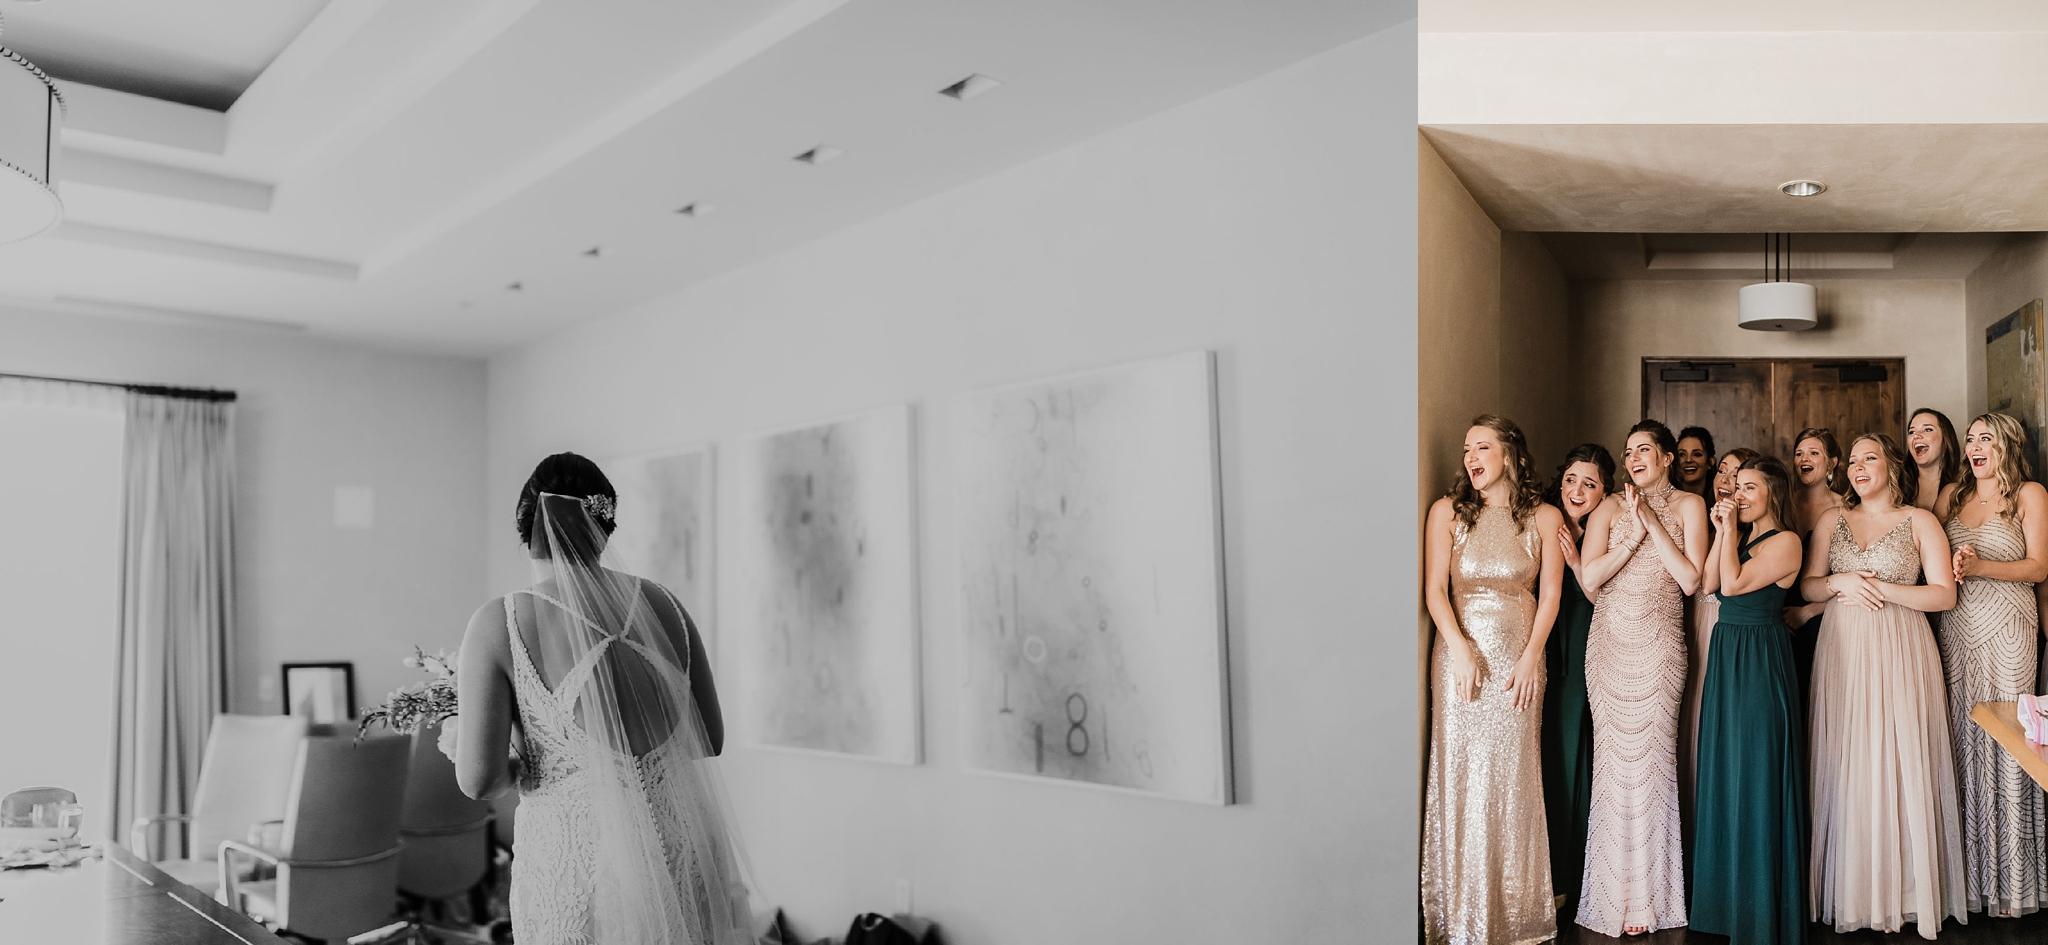 Alicia+lucia+photography+-+albuquerque+wedding+photographer+-+santa+fe+wedding+photography+-+new+mexico+wedding+photographer+-+new+mexico+wedding+-+santa+fe+wedding+-+four+seasons+wedding+-+winter+wedding_0016.jpg